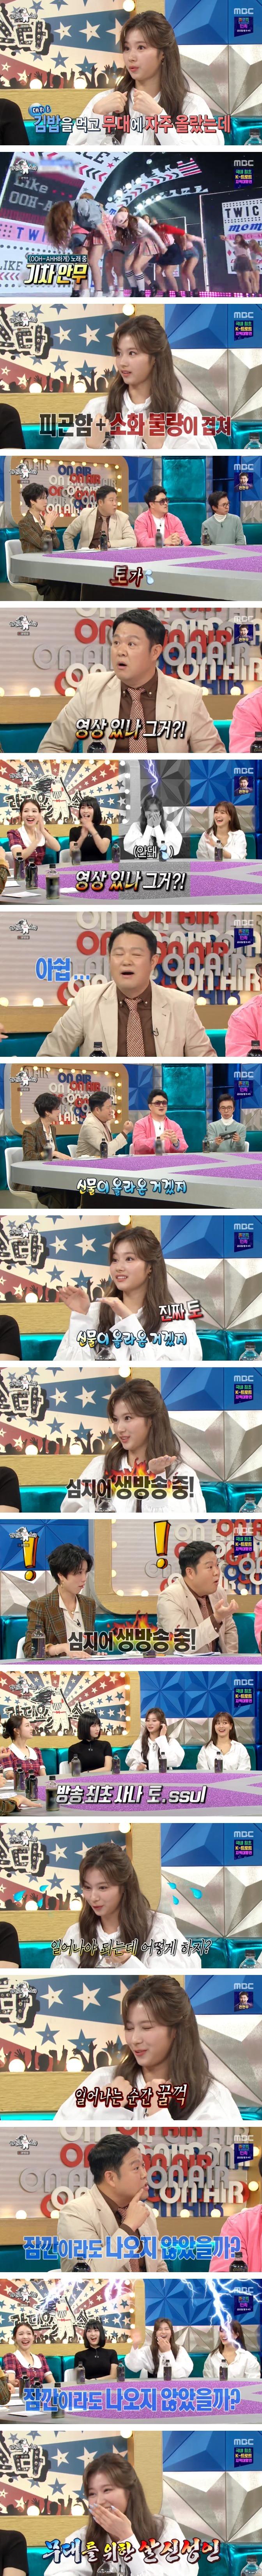 [라디오스타] 데뷔초 생방송 무대에서 토했던 사나 - 꾸르